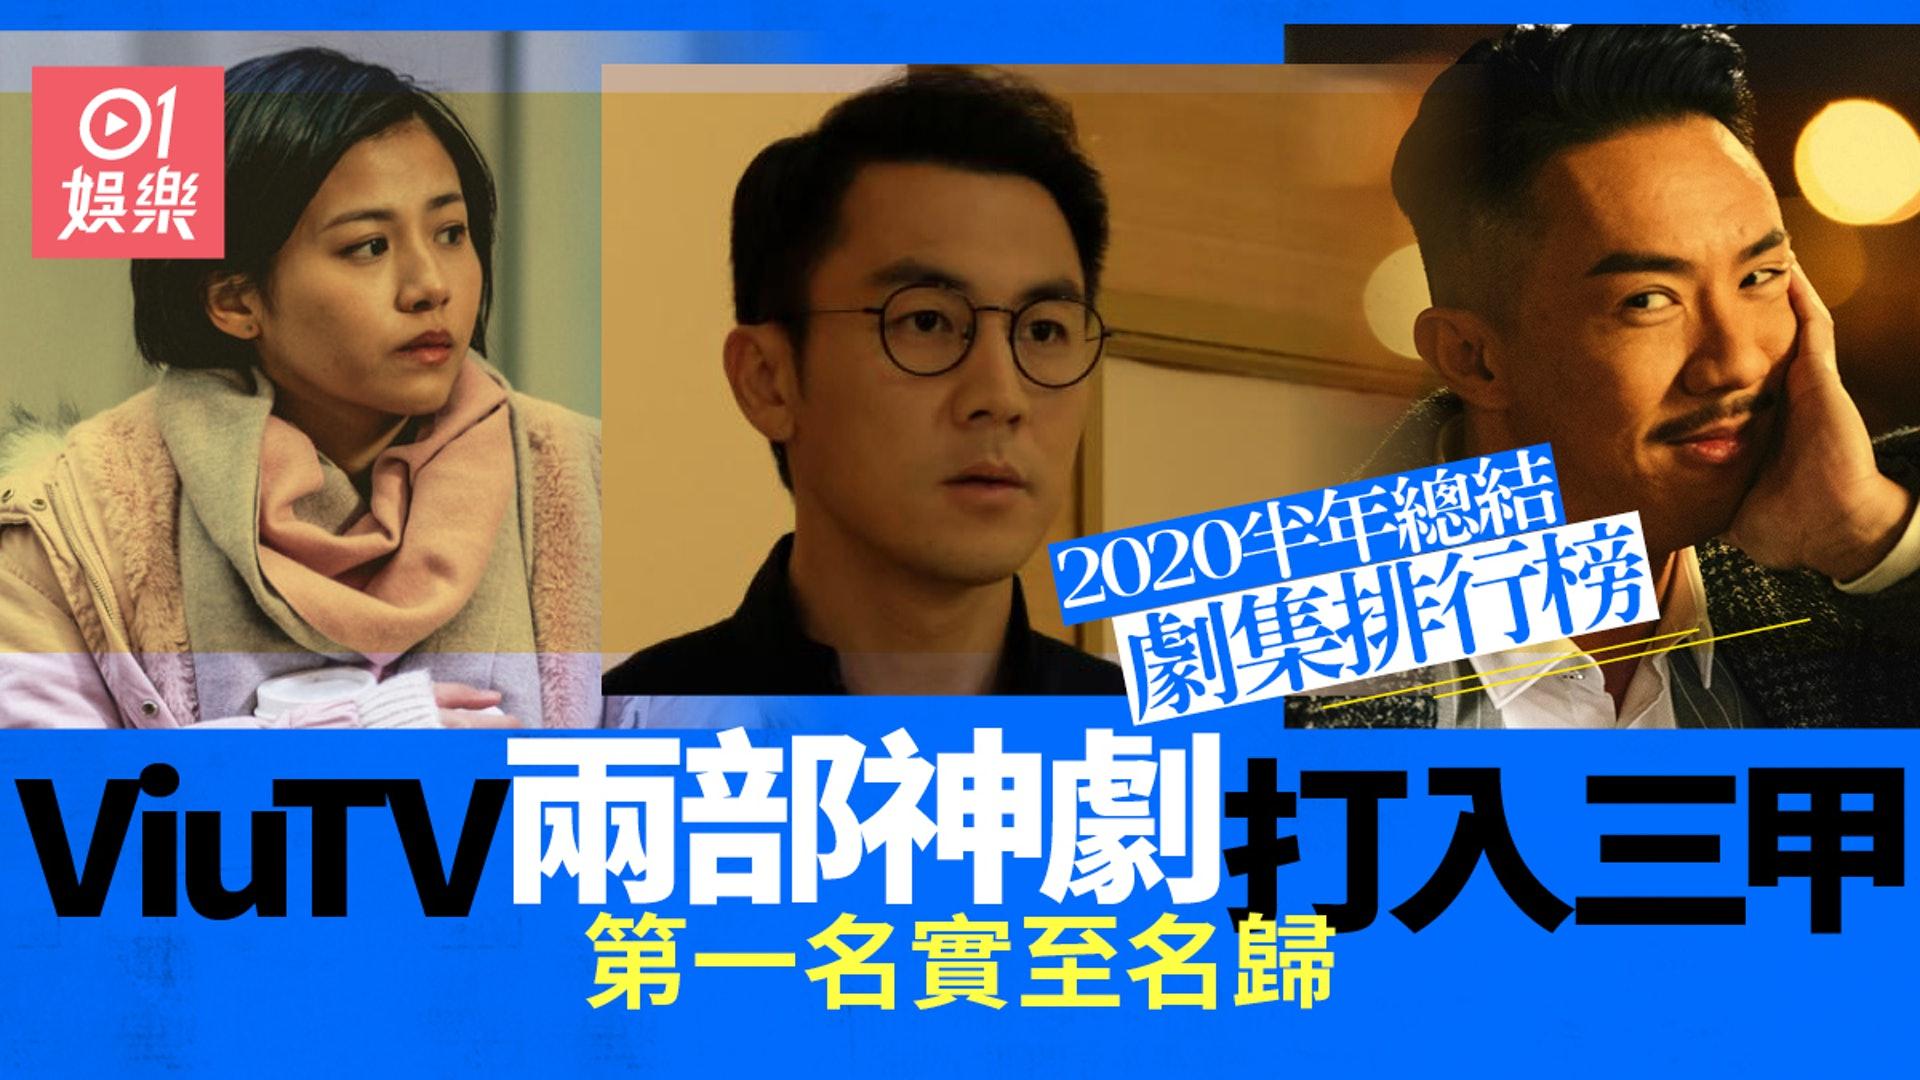 【2020半年總結】十套劇集排名 ViuTV四套上榜威脅TVB地位?